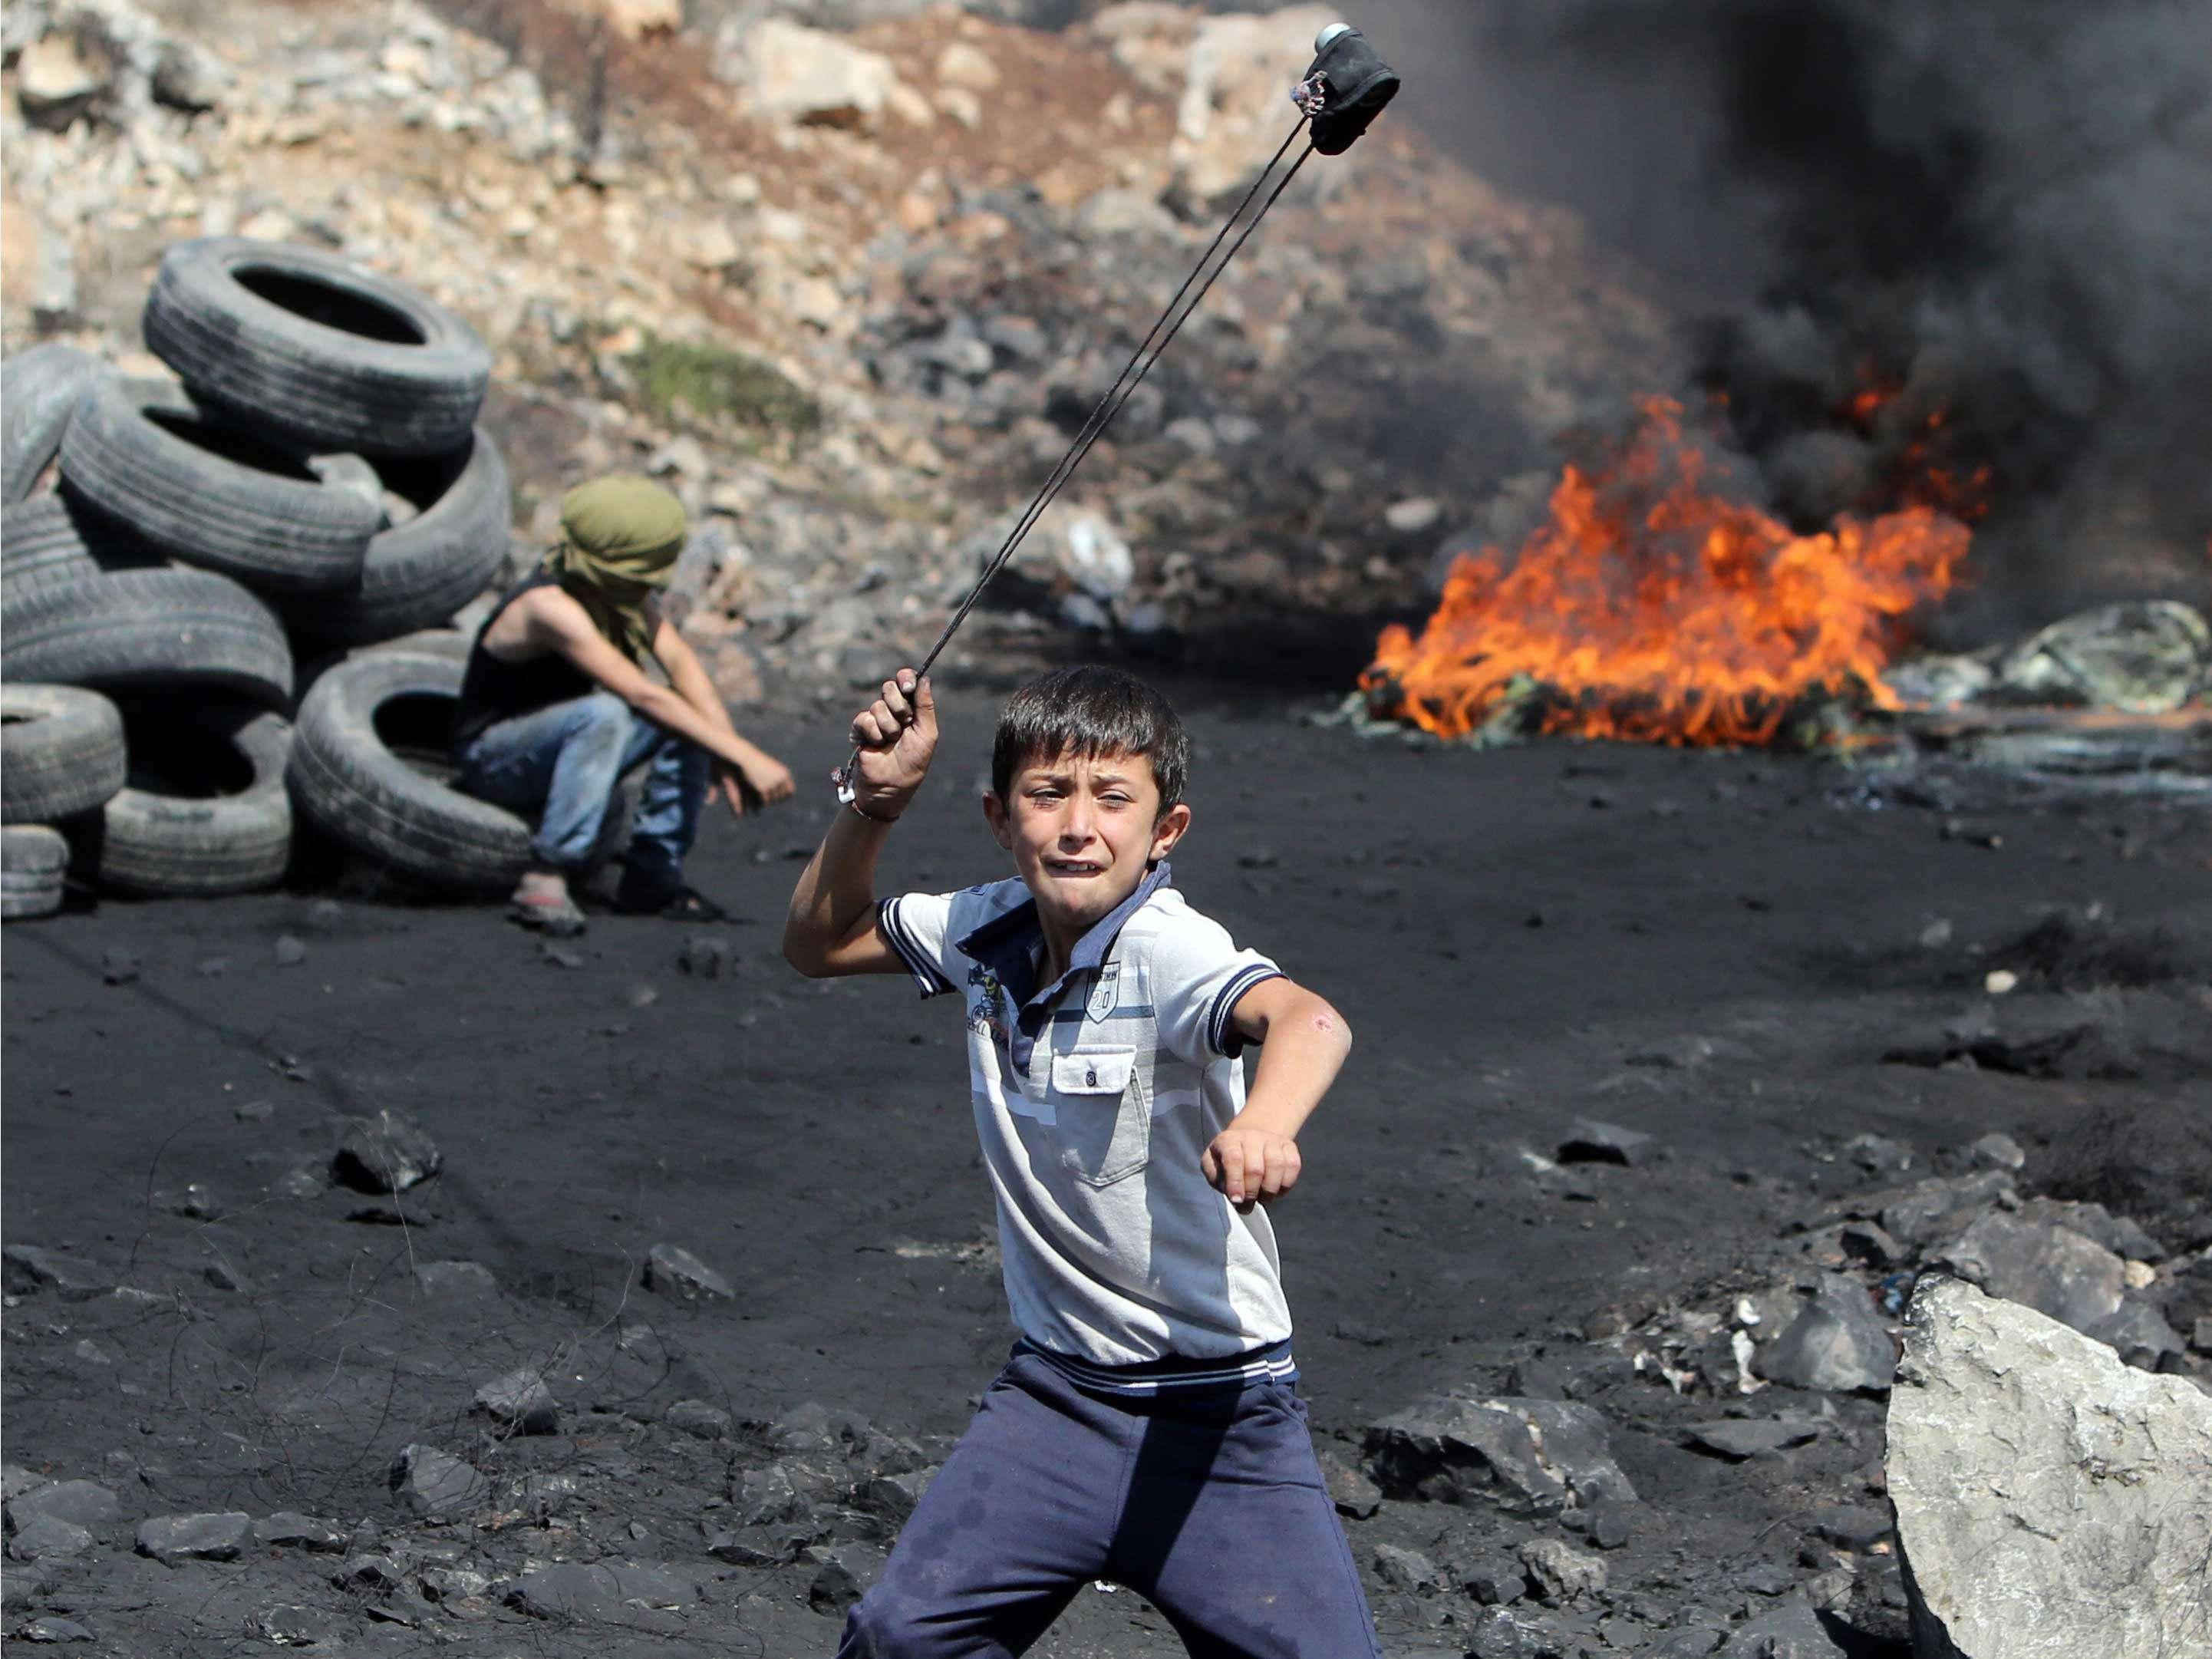 Un joven palestino arroja piedras a las fuerzas de seguridad israelíes durante un choque a raíz de una protesta en la aldea de Kfar Qaddum, en Cisjordania. Foto: AFP en español